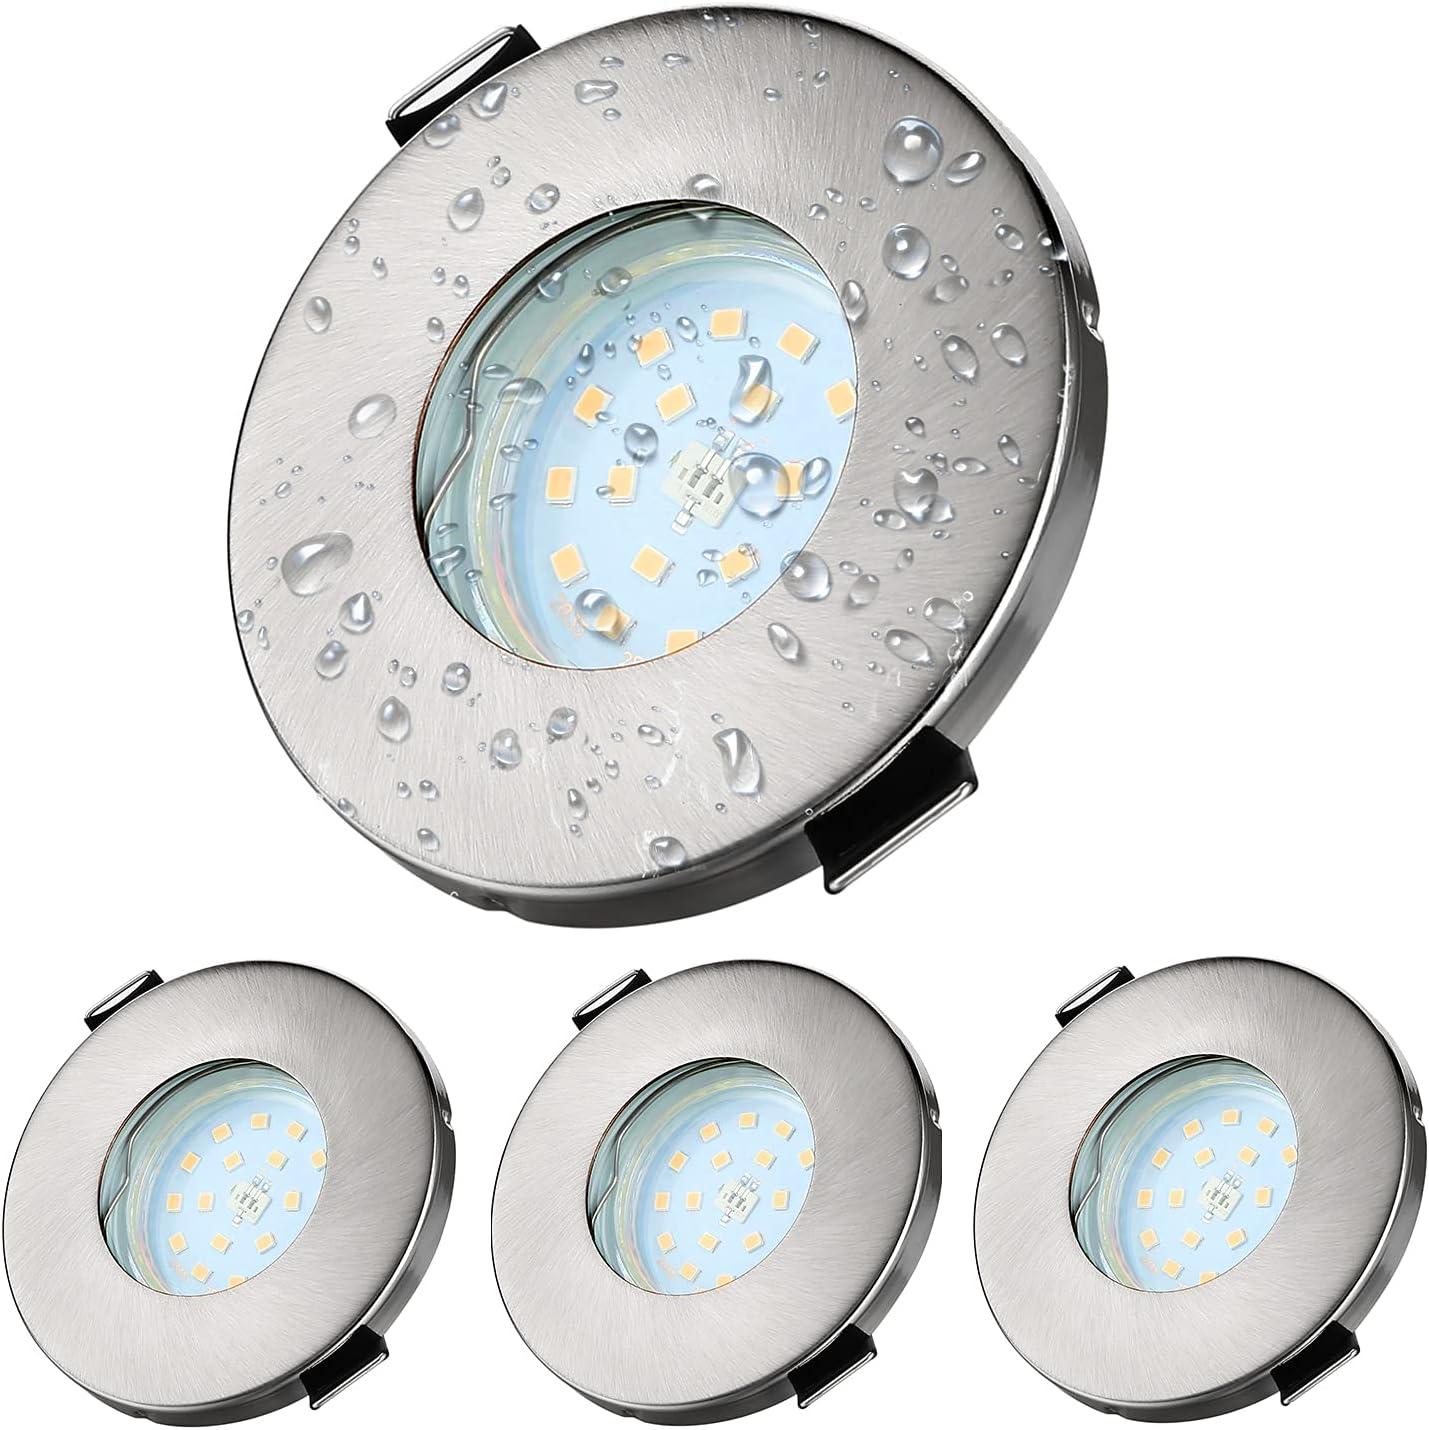 Kambo Focos Empotrables GU10 LED de baño 6W Equivalente a Incandescente 50W, Ø55-80mm profundidad 80mm Blanco Neutro 4500K IP44 540Lm, Metal en Níquel Color, Marco Redondo AC 230V 4 piezas